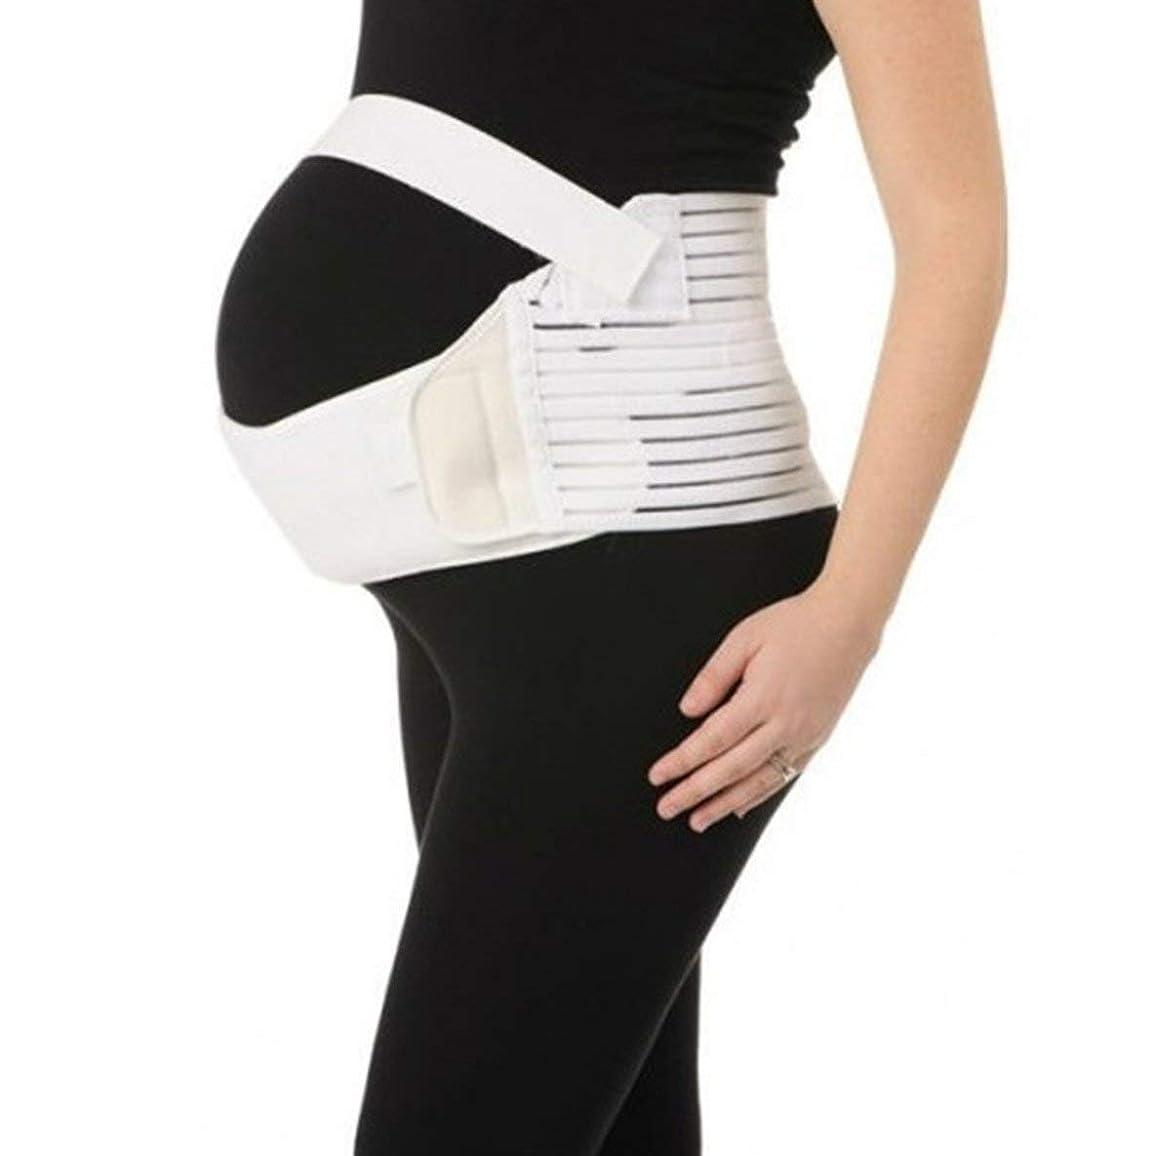 カウボーイ無人平行通気性産科ベルト妊娠腹部サポート腹部バインダーガードル運動包帯産後の回復形状ウェア - ホワイトM